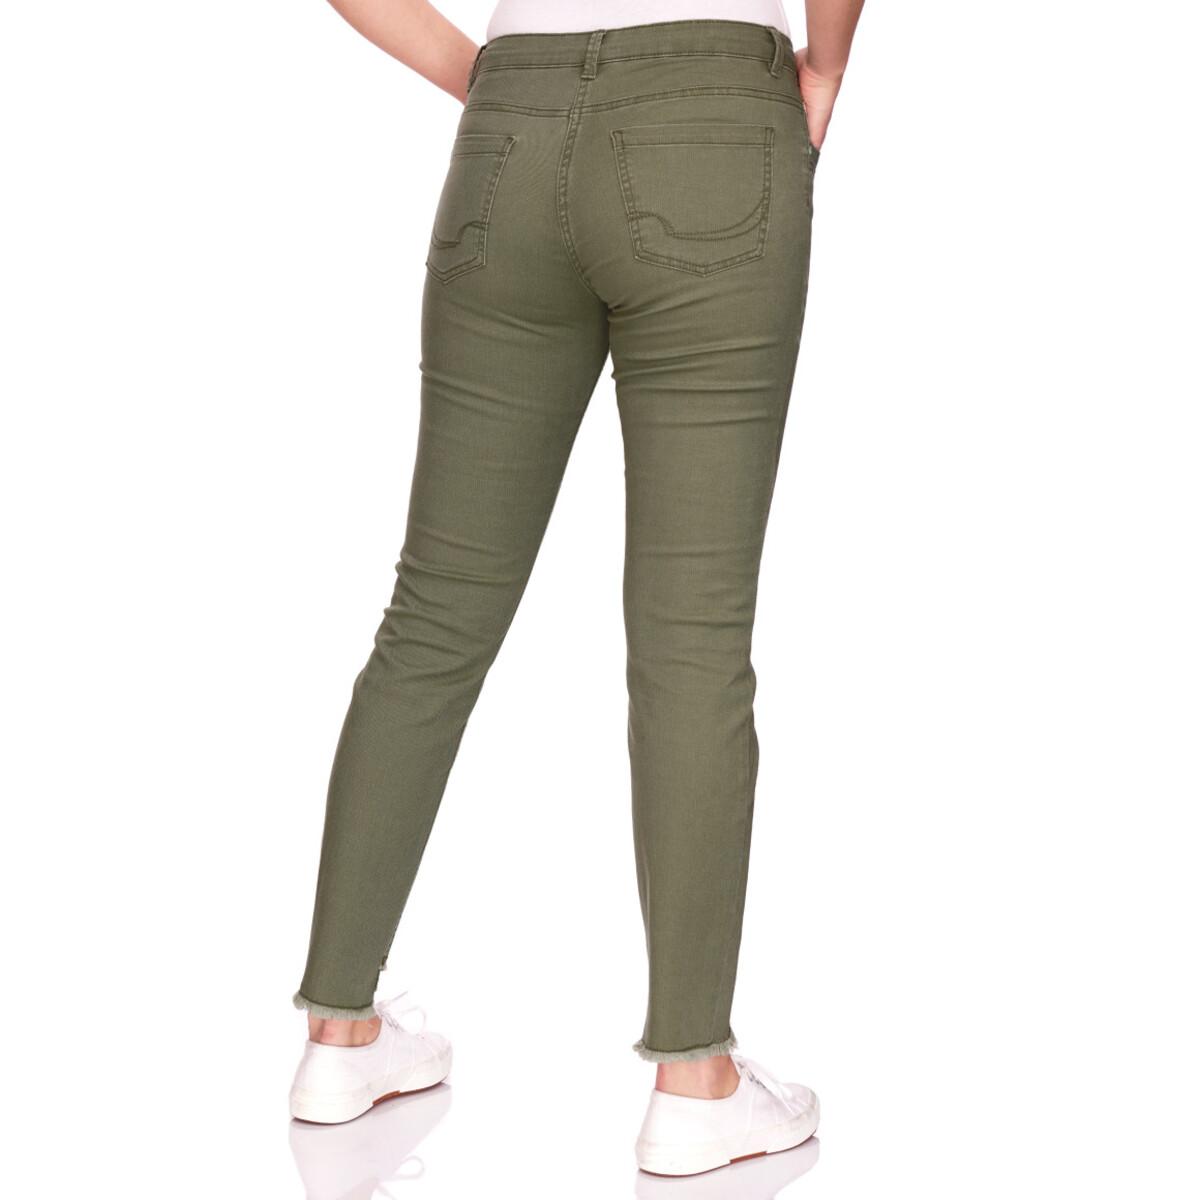 Bild 3 von Damen Slim-Jeans mit fransigem Beinabschluss